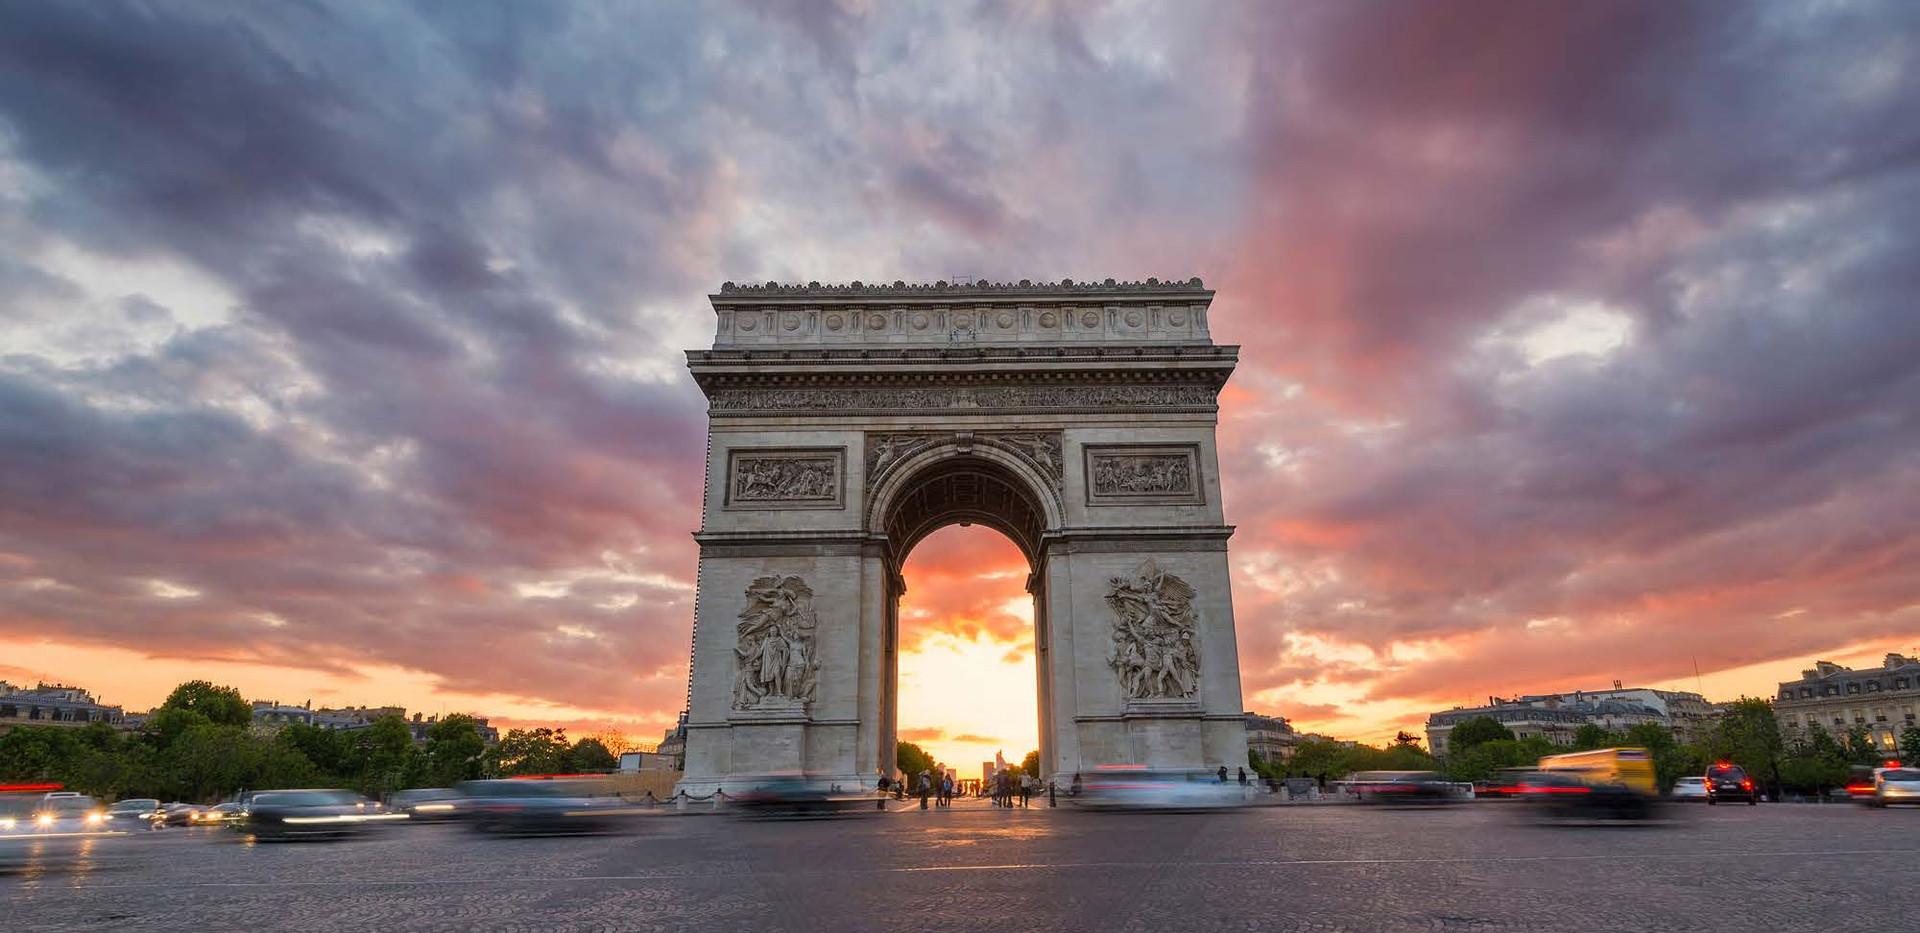 Canva - Arc De Triomphe and Traffic alon